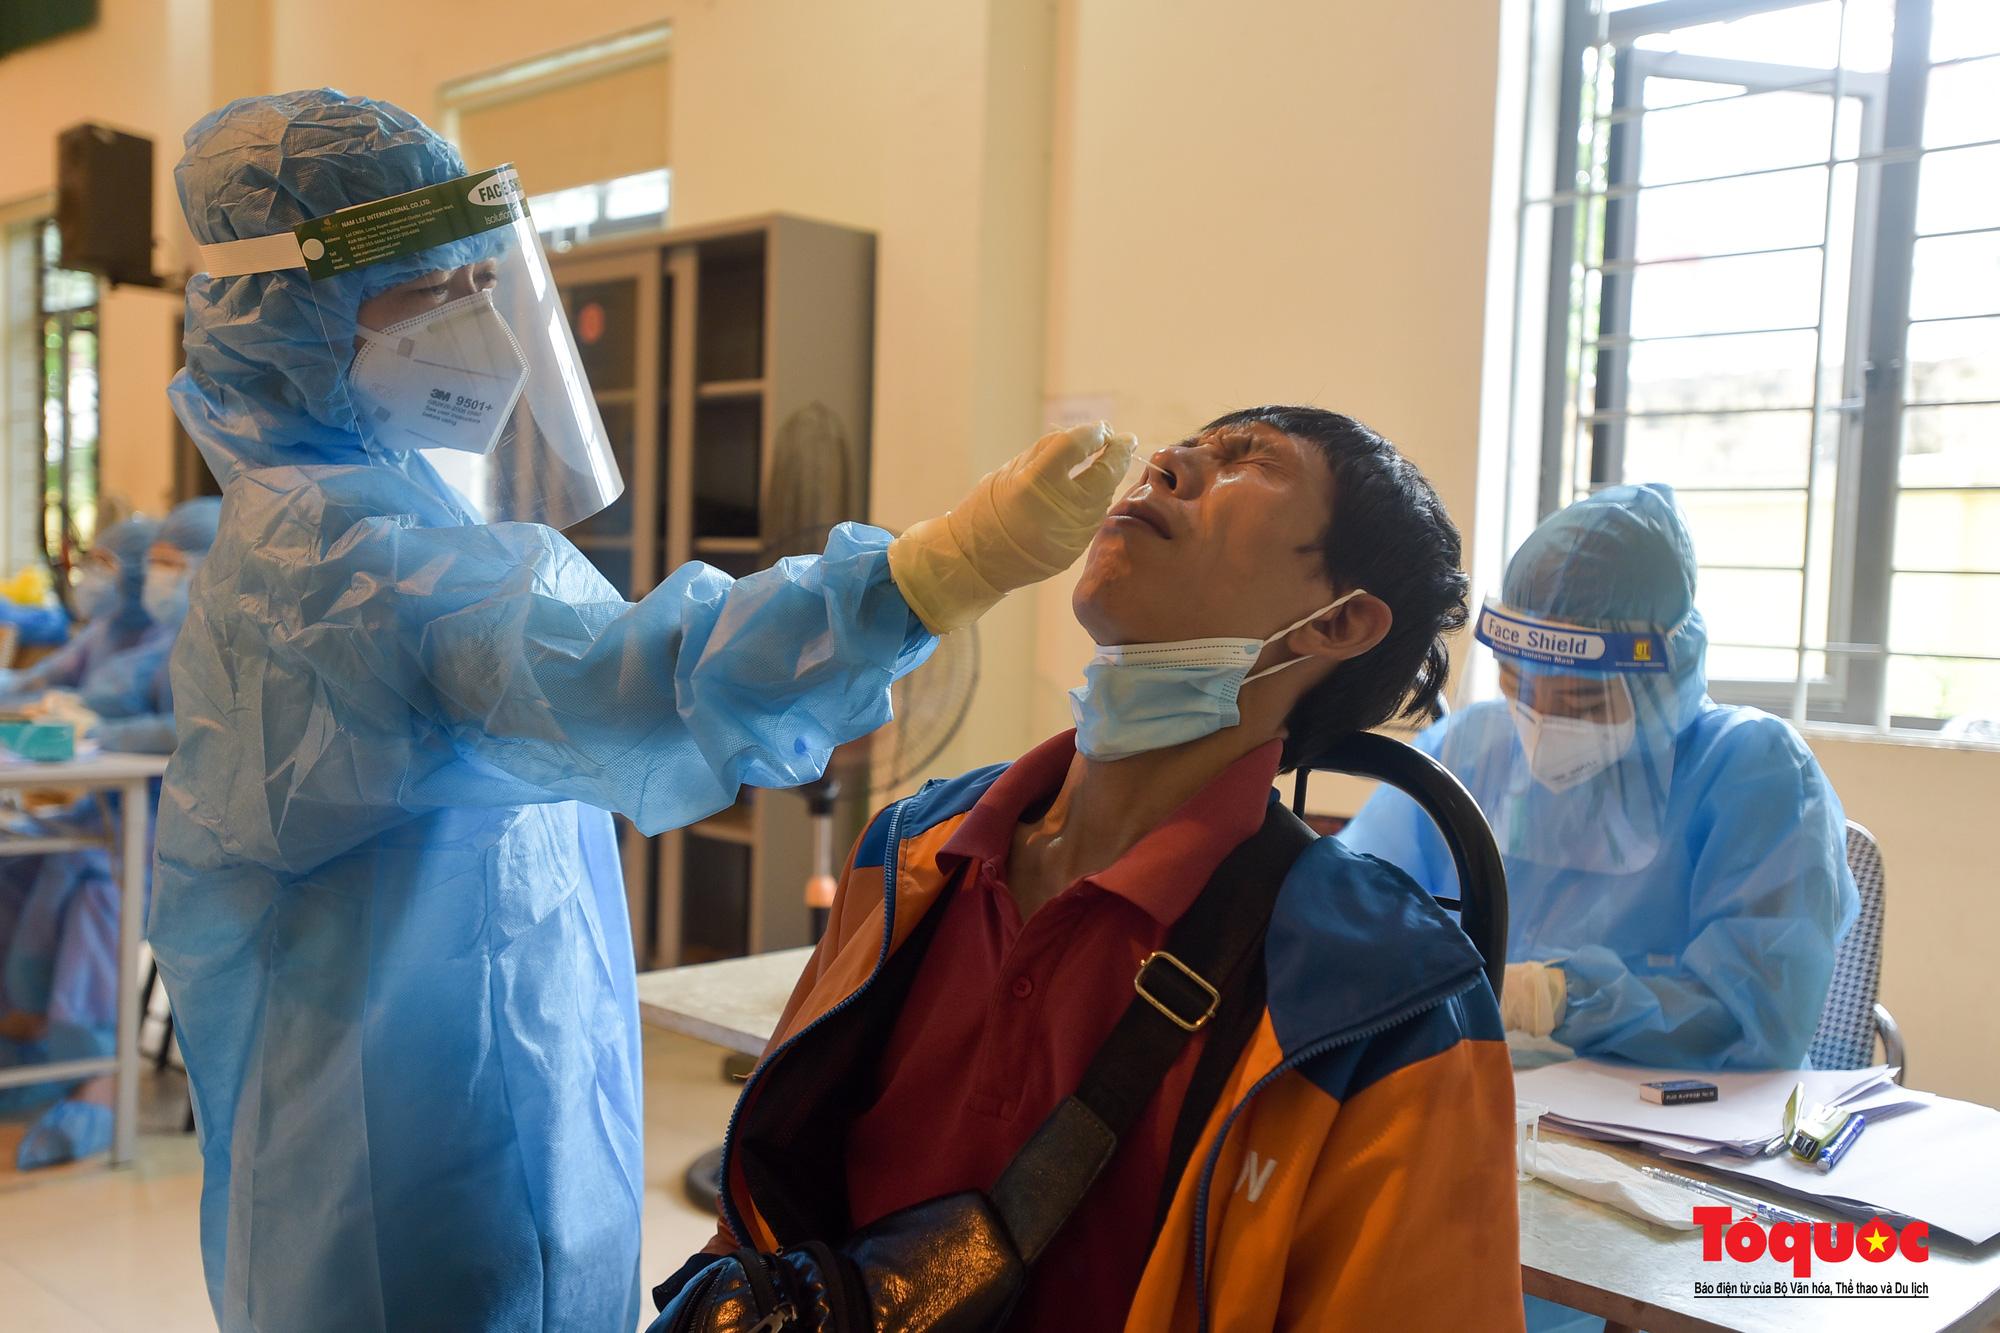 Hà Nội: Thần tốc xét nghiệm Covid-19 cho 100% người dân trên địa bàn - Ảnh 20.